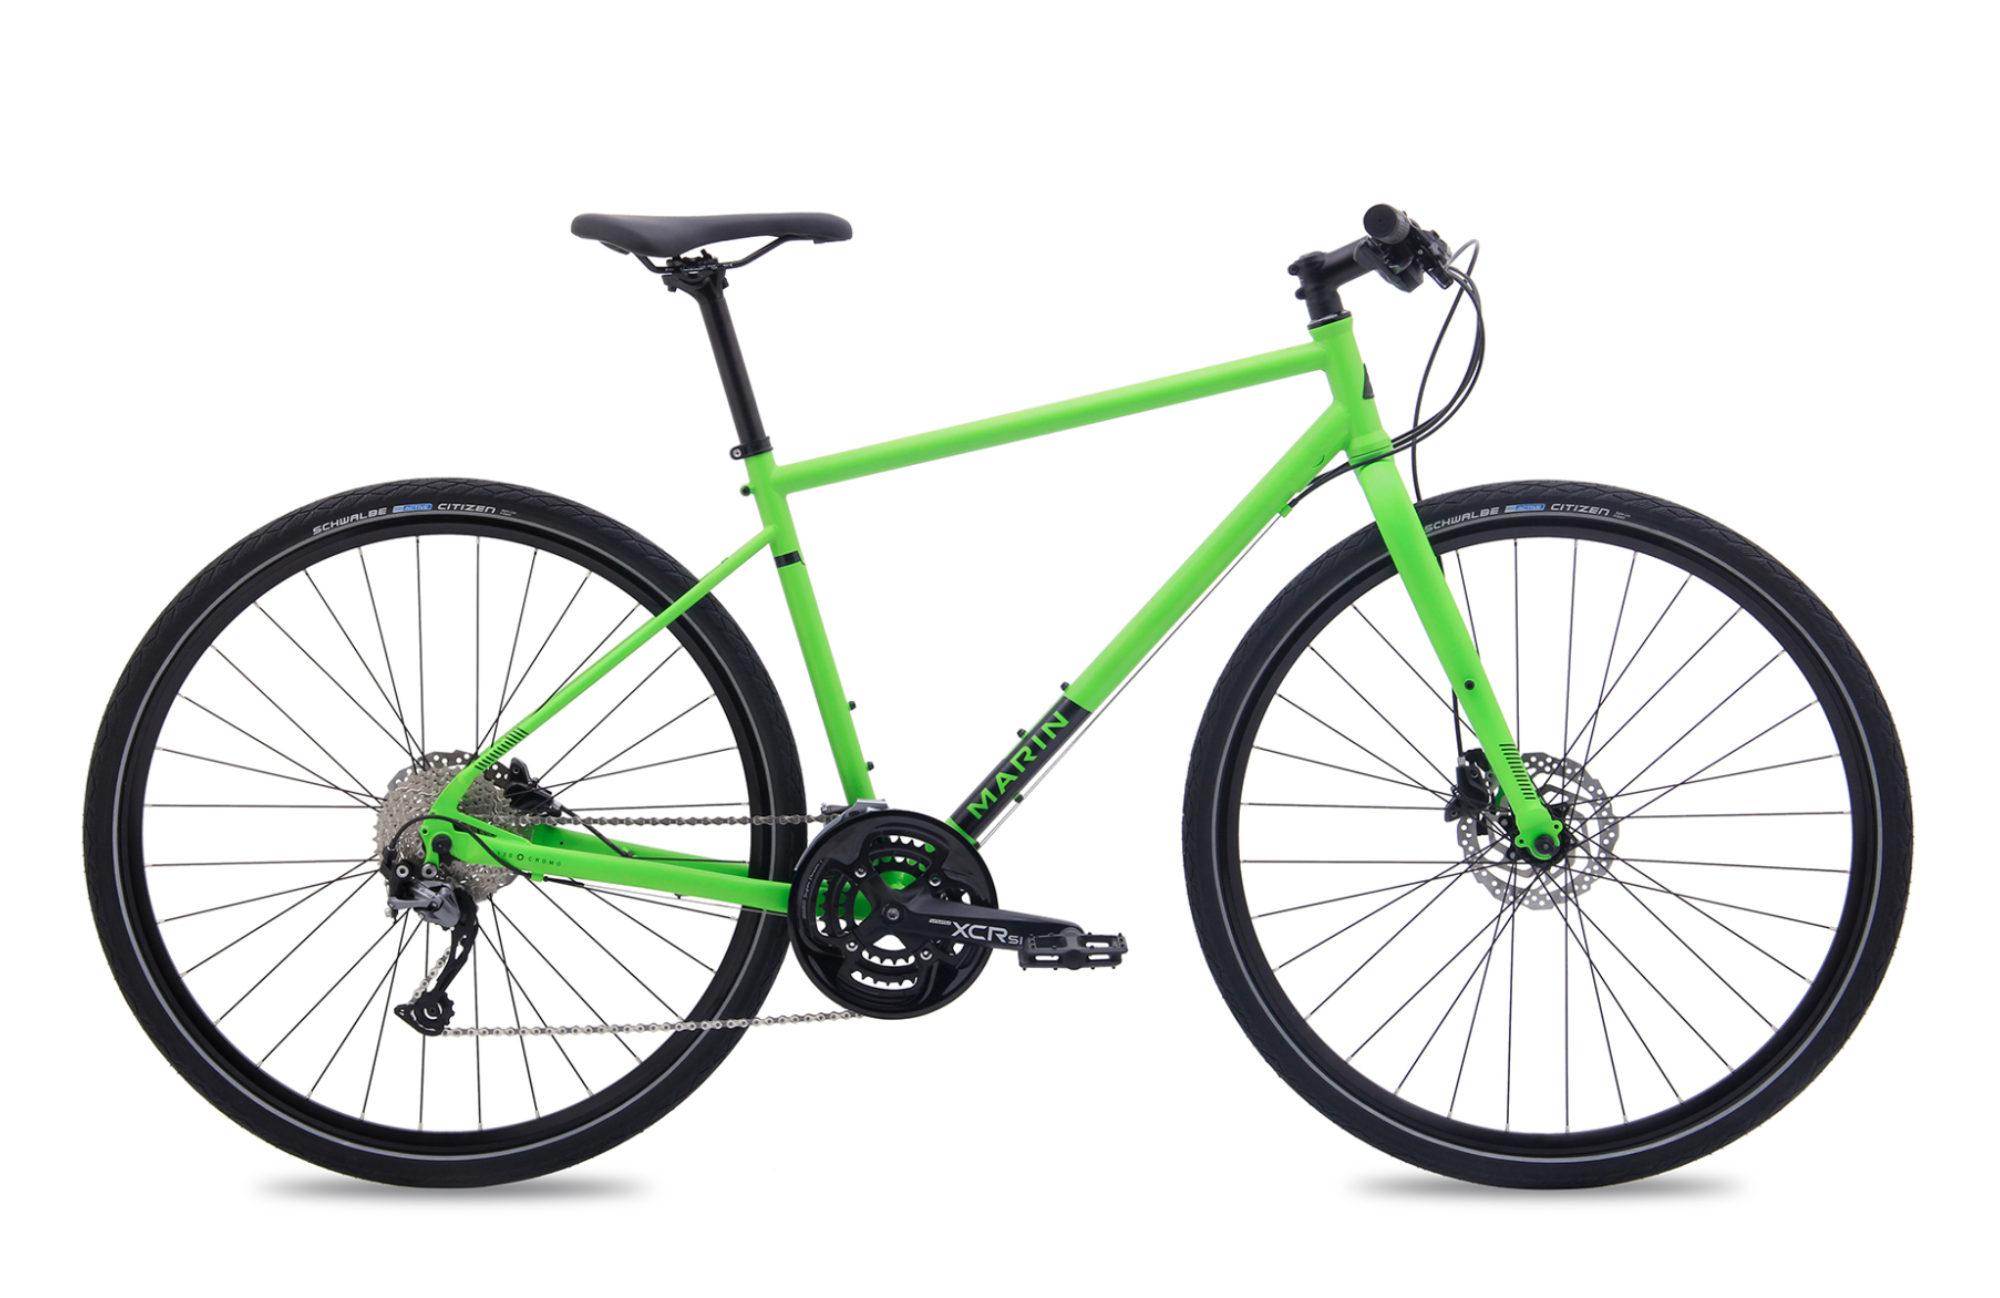 Muirwoods Marin Bikes